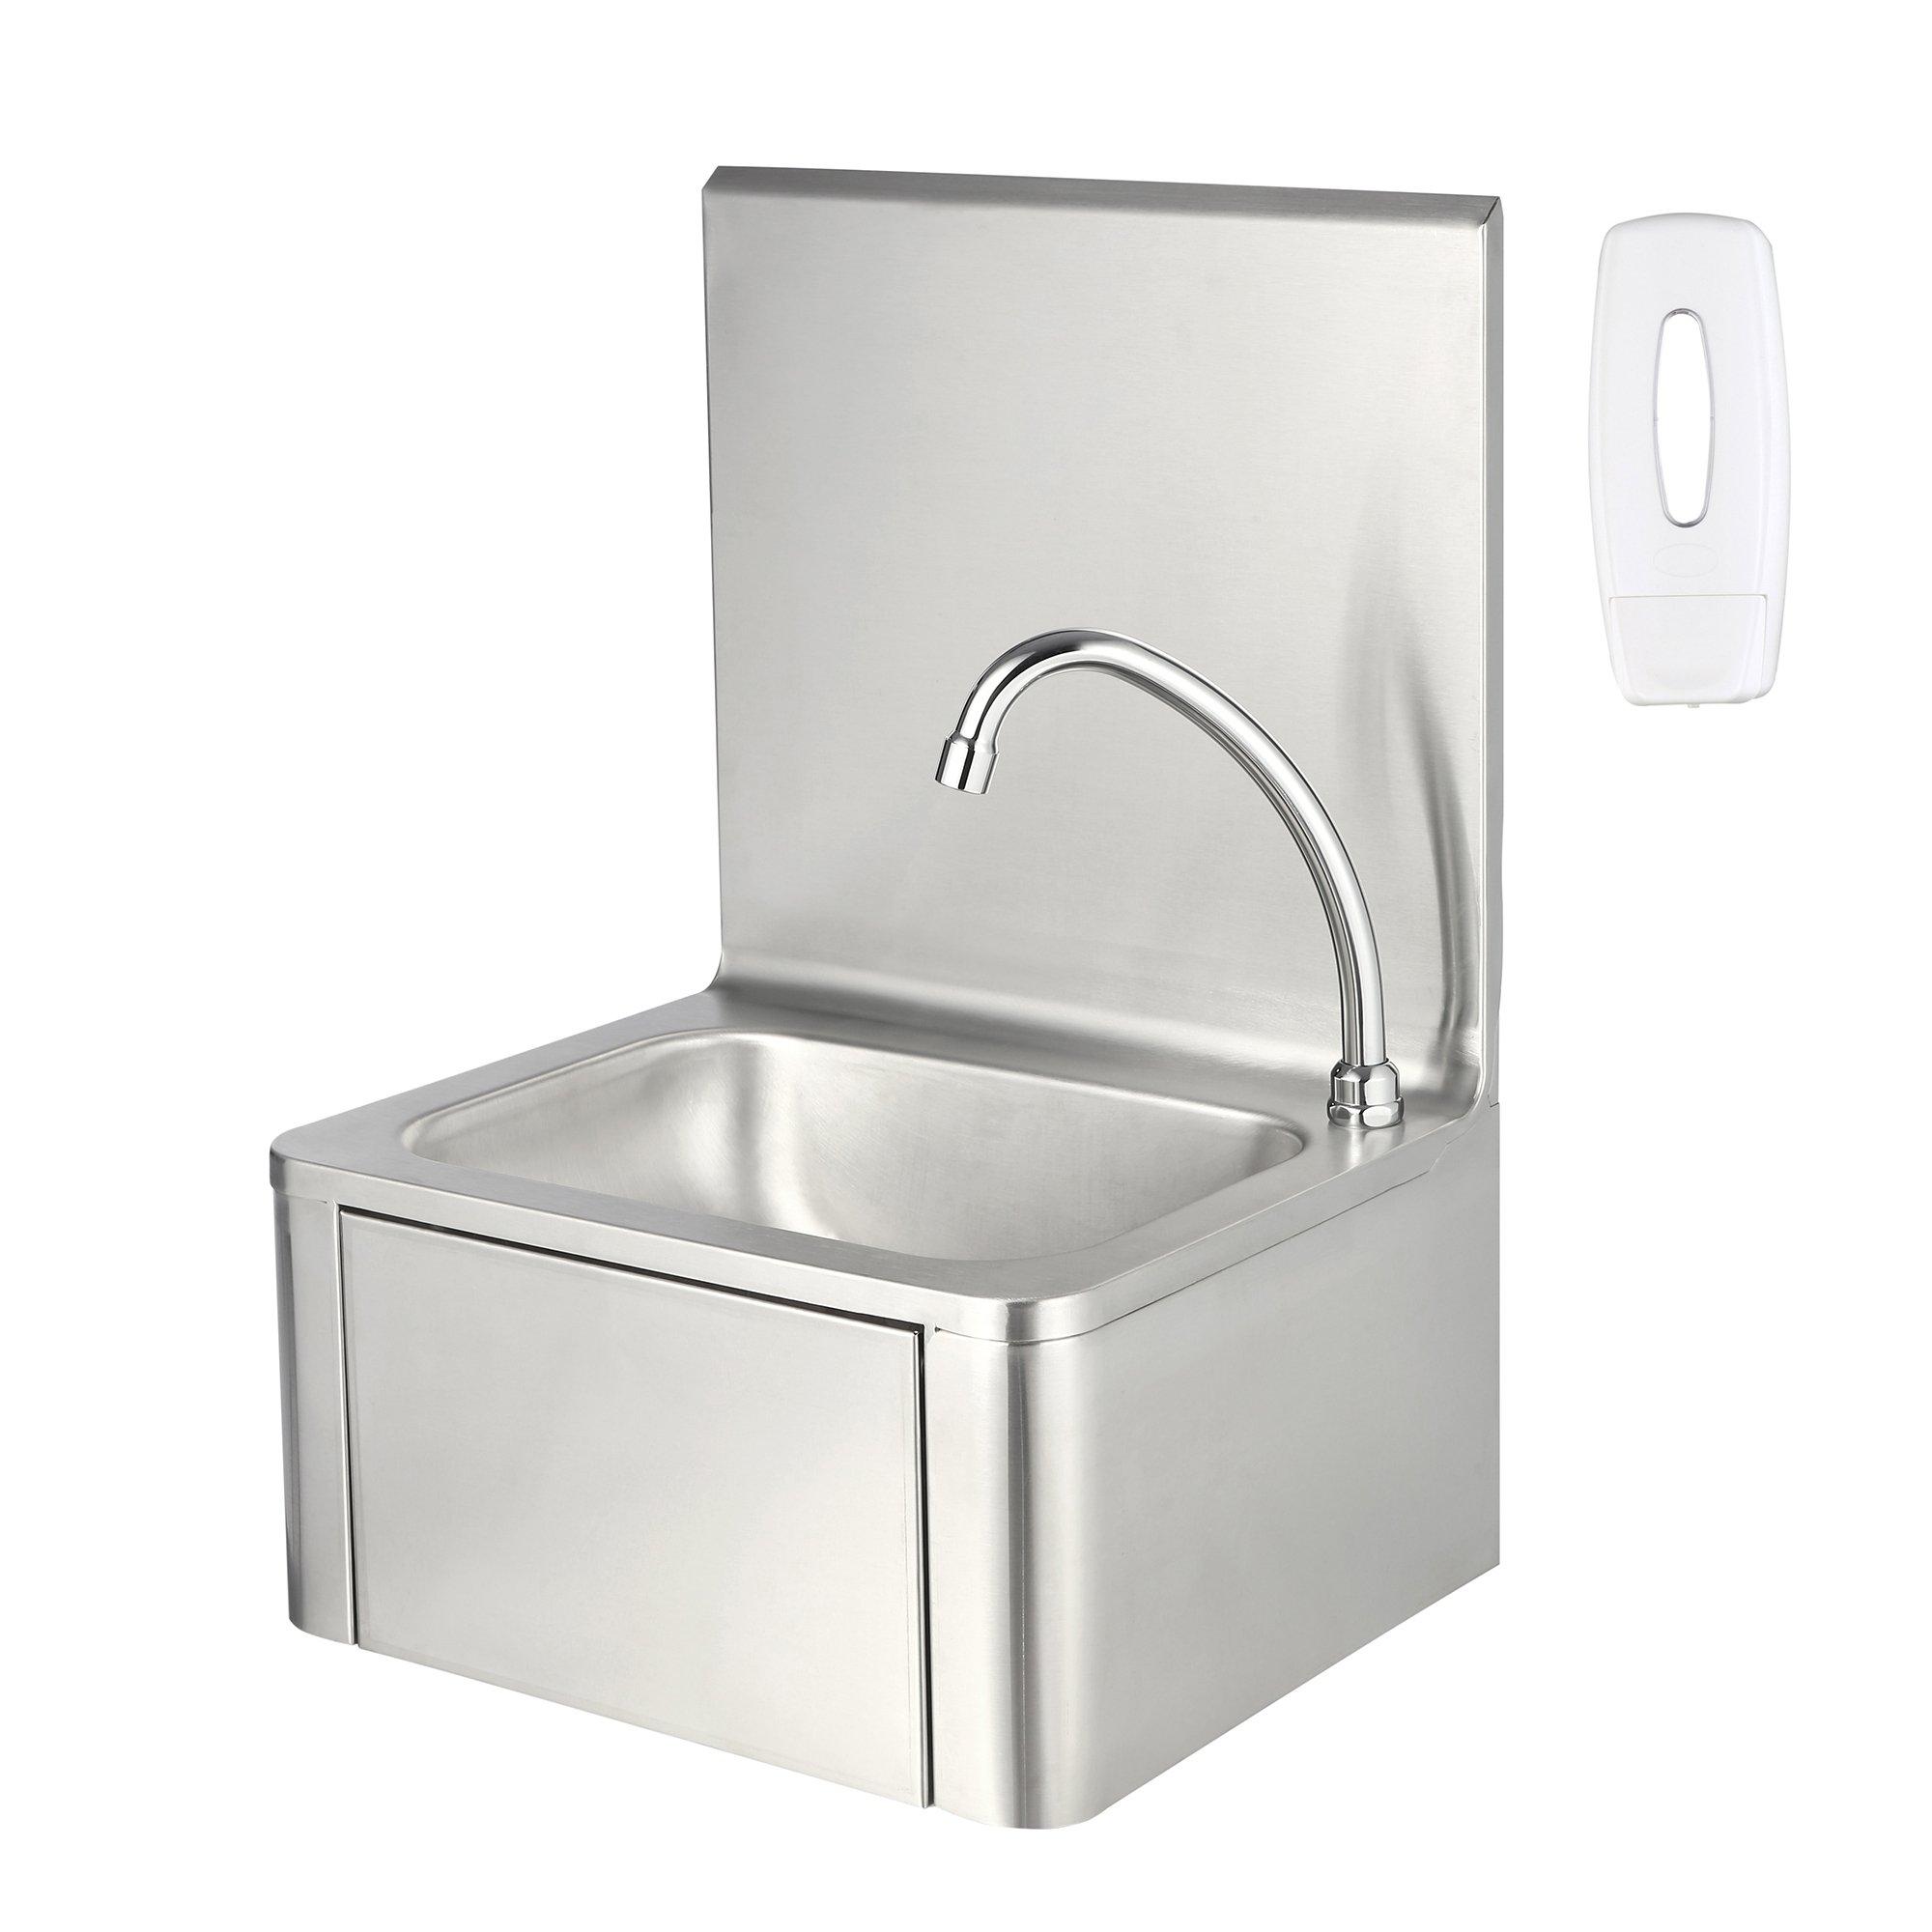 zelsius edelstahl handwaschbecken mit kniebet tigung und. Black Bedroom Furniture Sets. Home Design Ideas